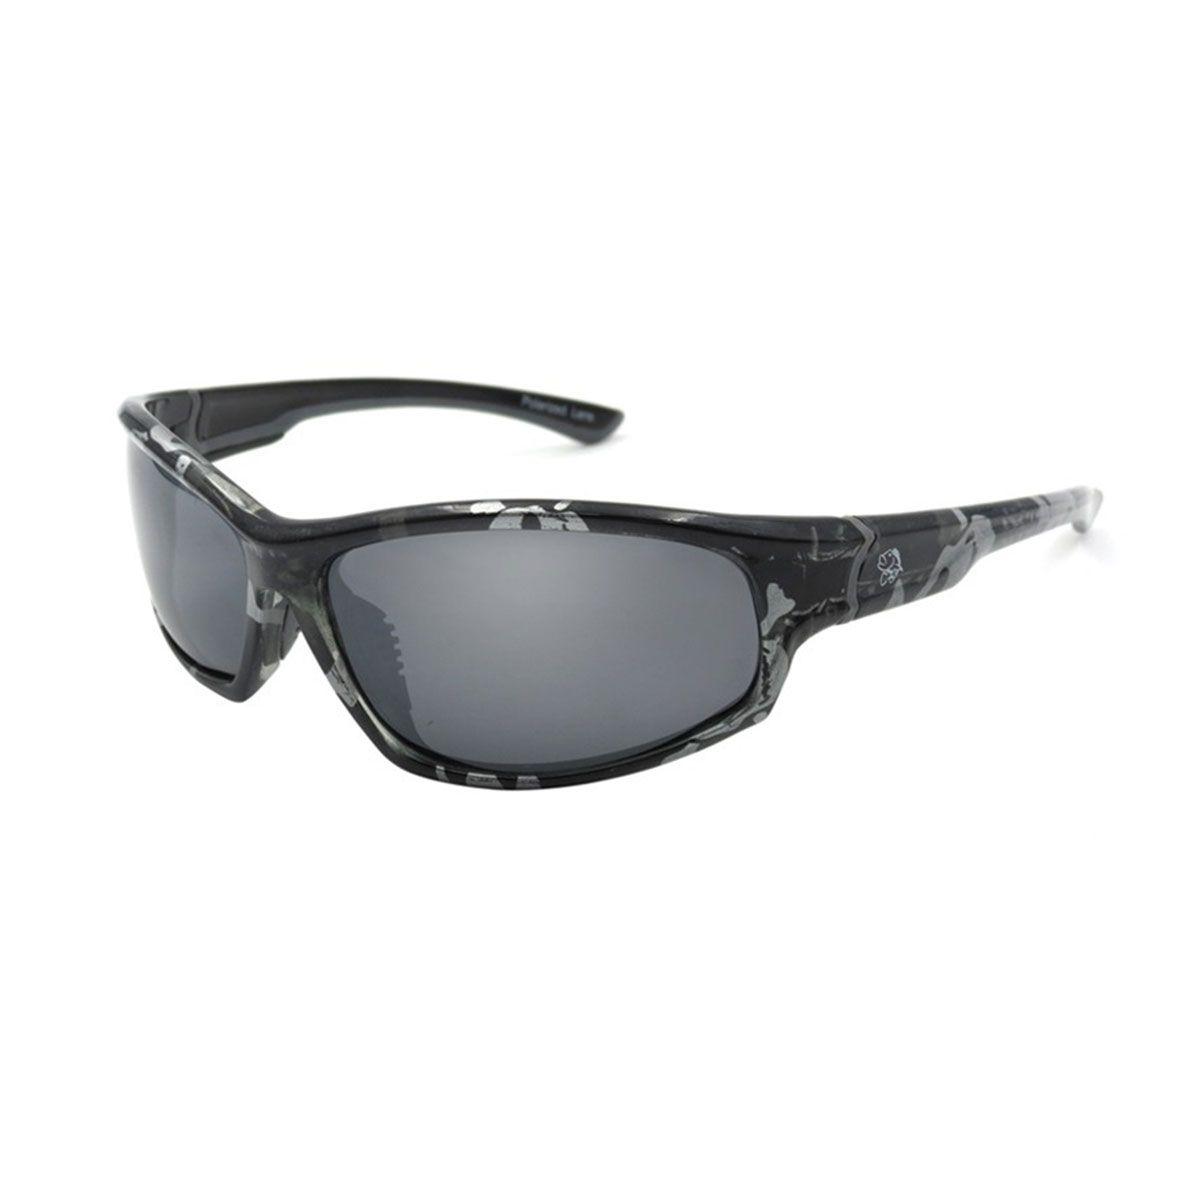 Óculos Polarizado Pro Tsuri Skull Armação Caveira Lente Grey Mirror